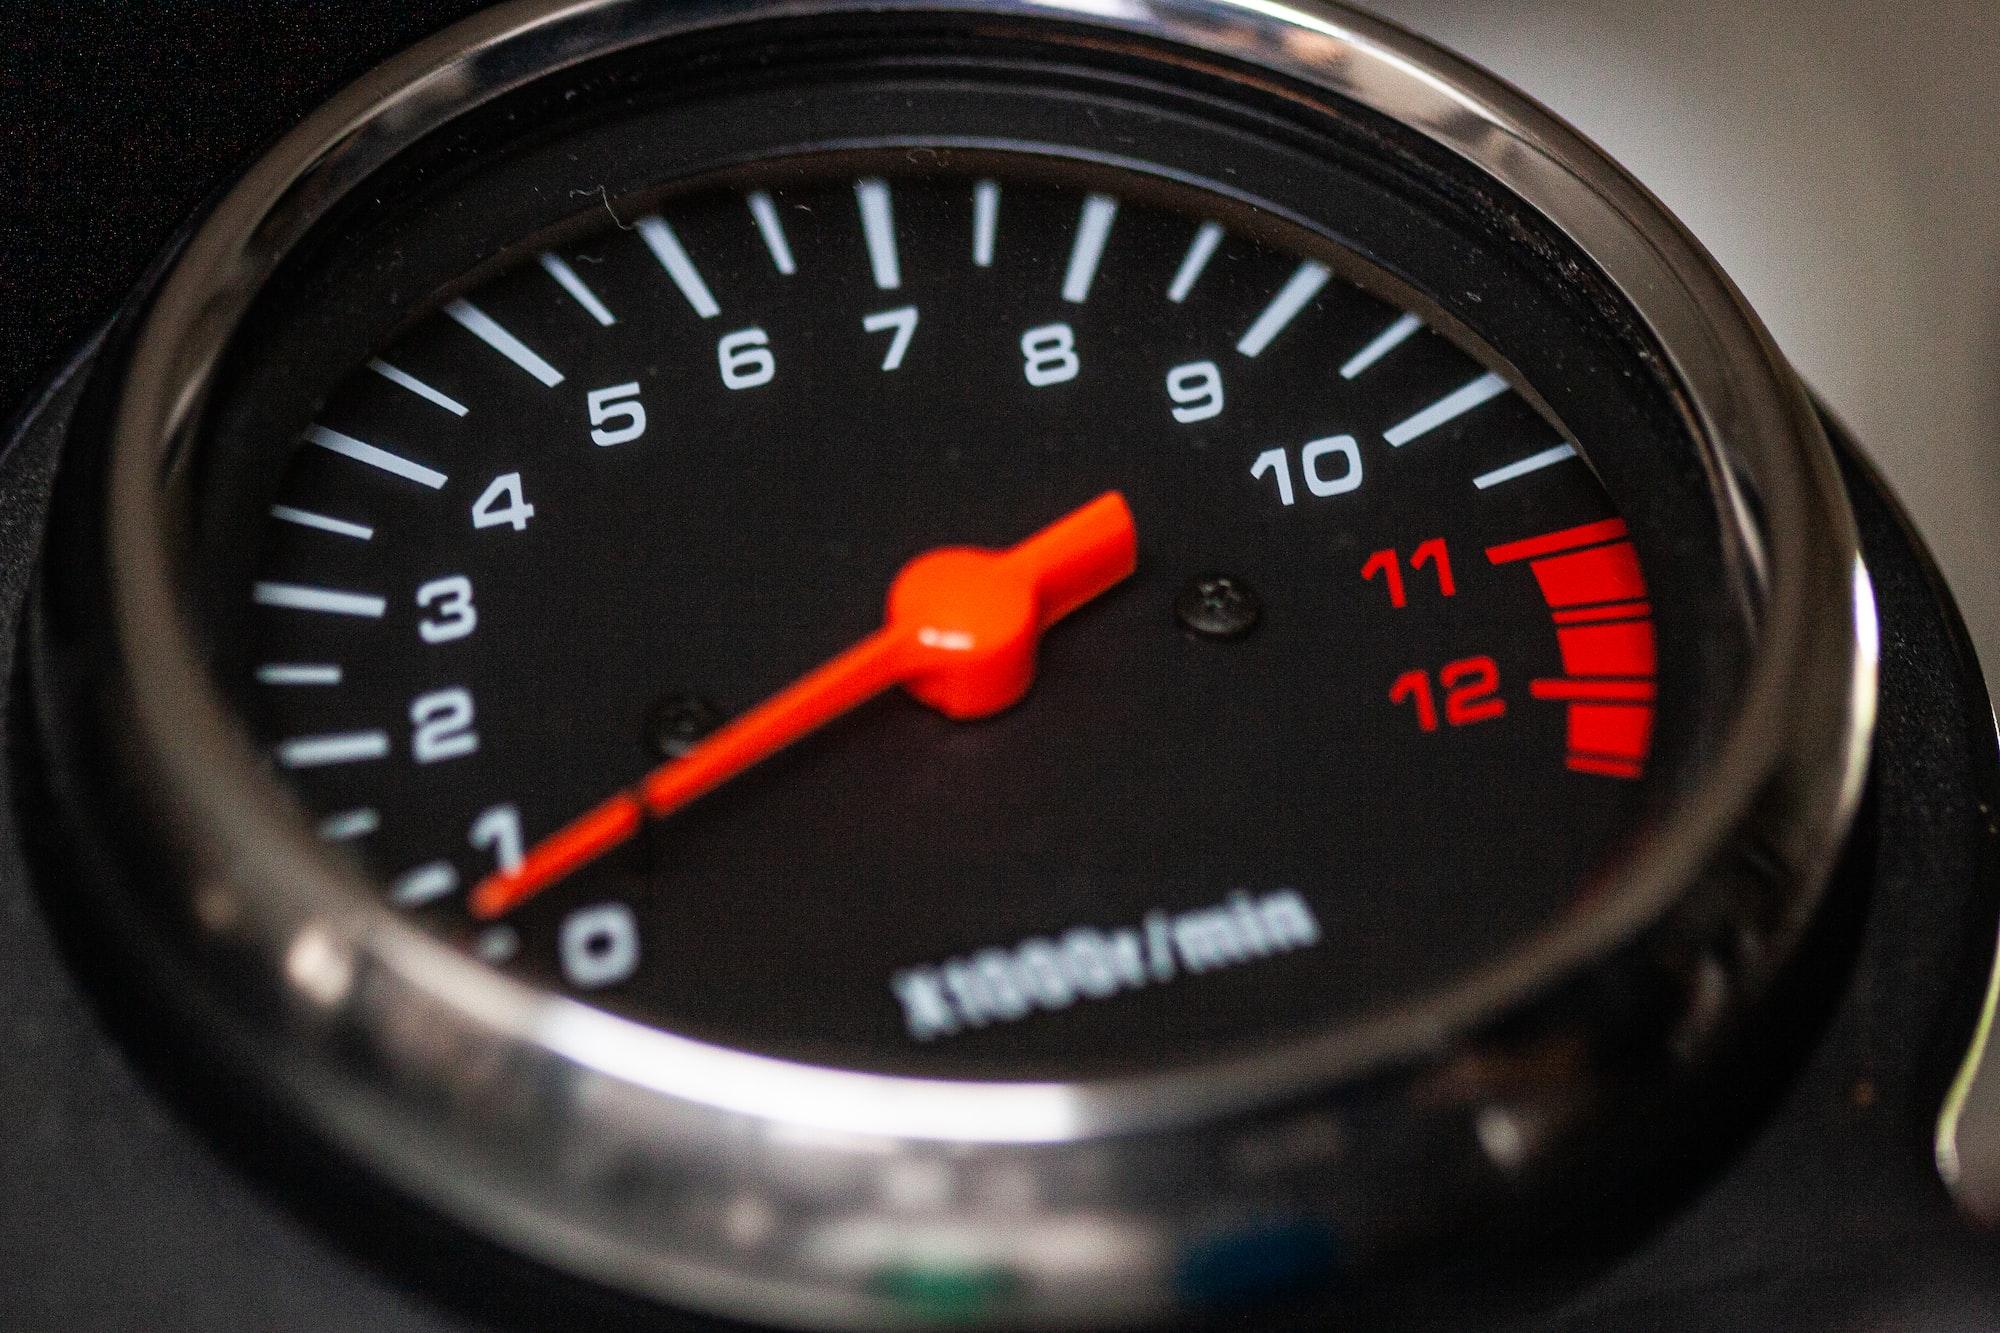 Suzuki GS500 tachometer